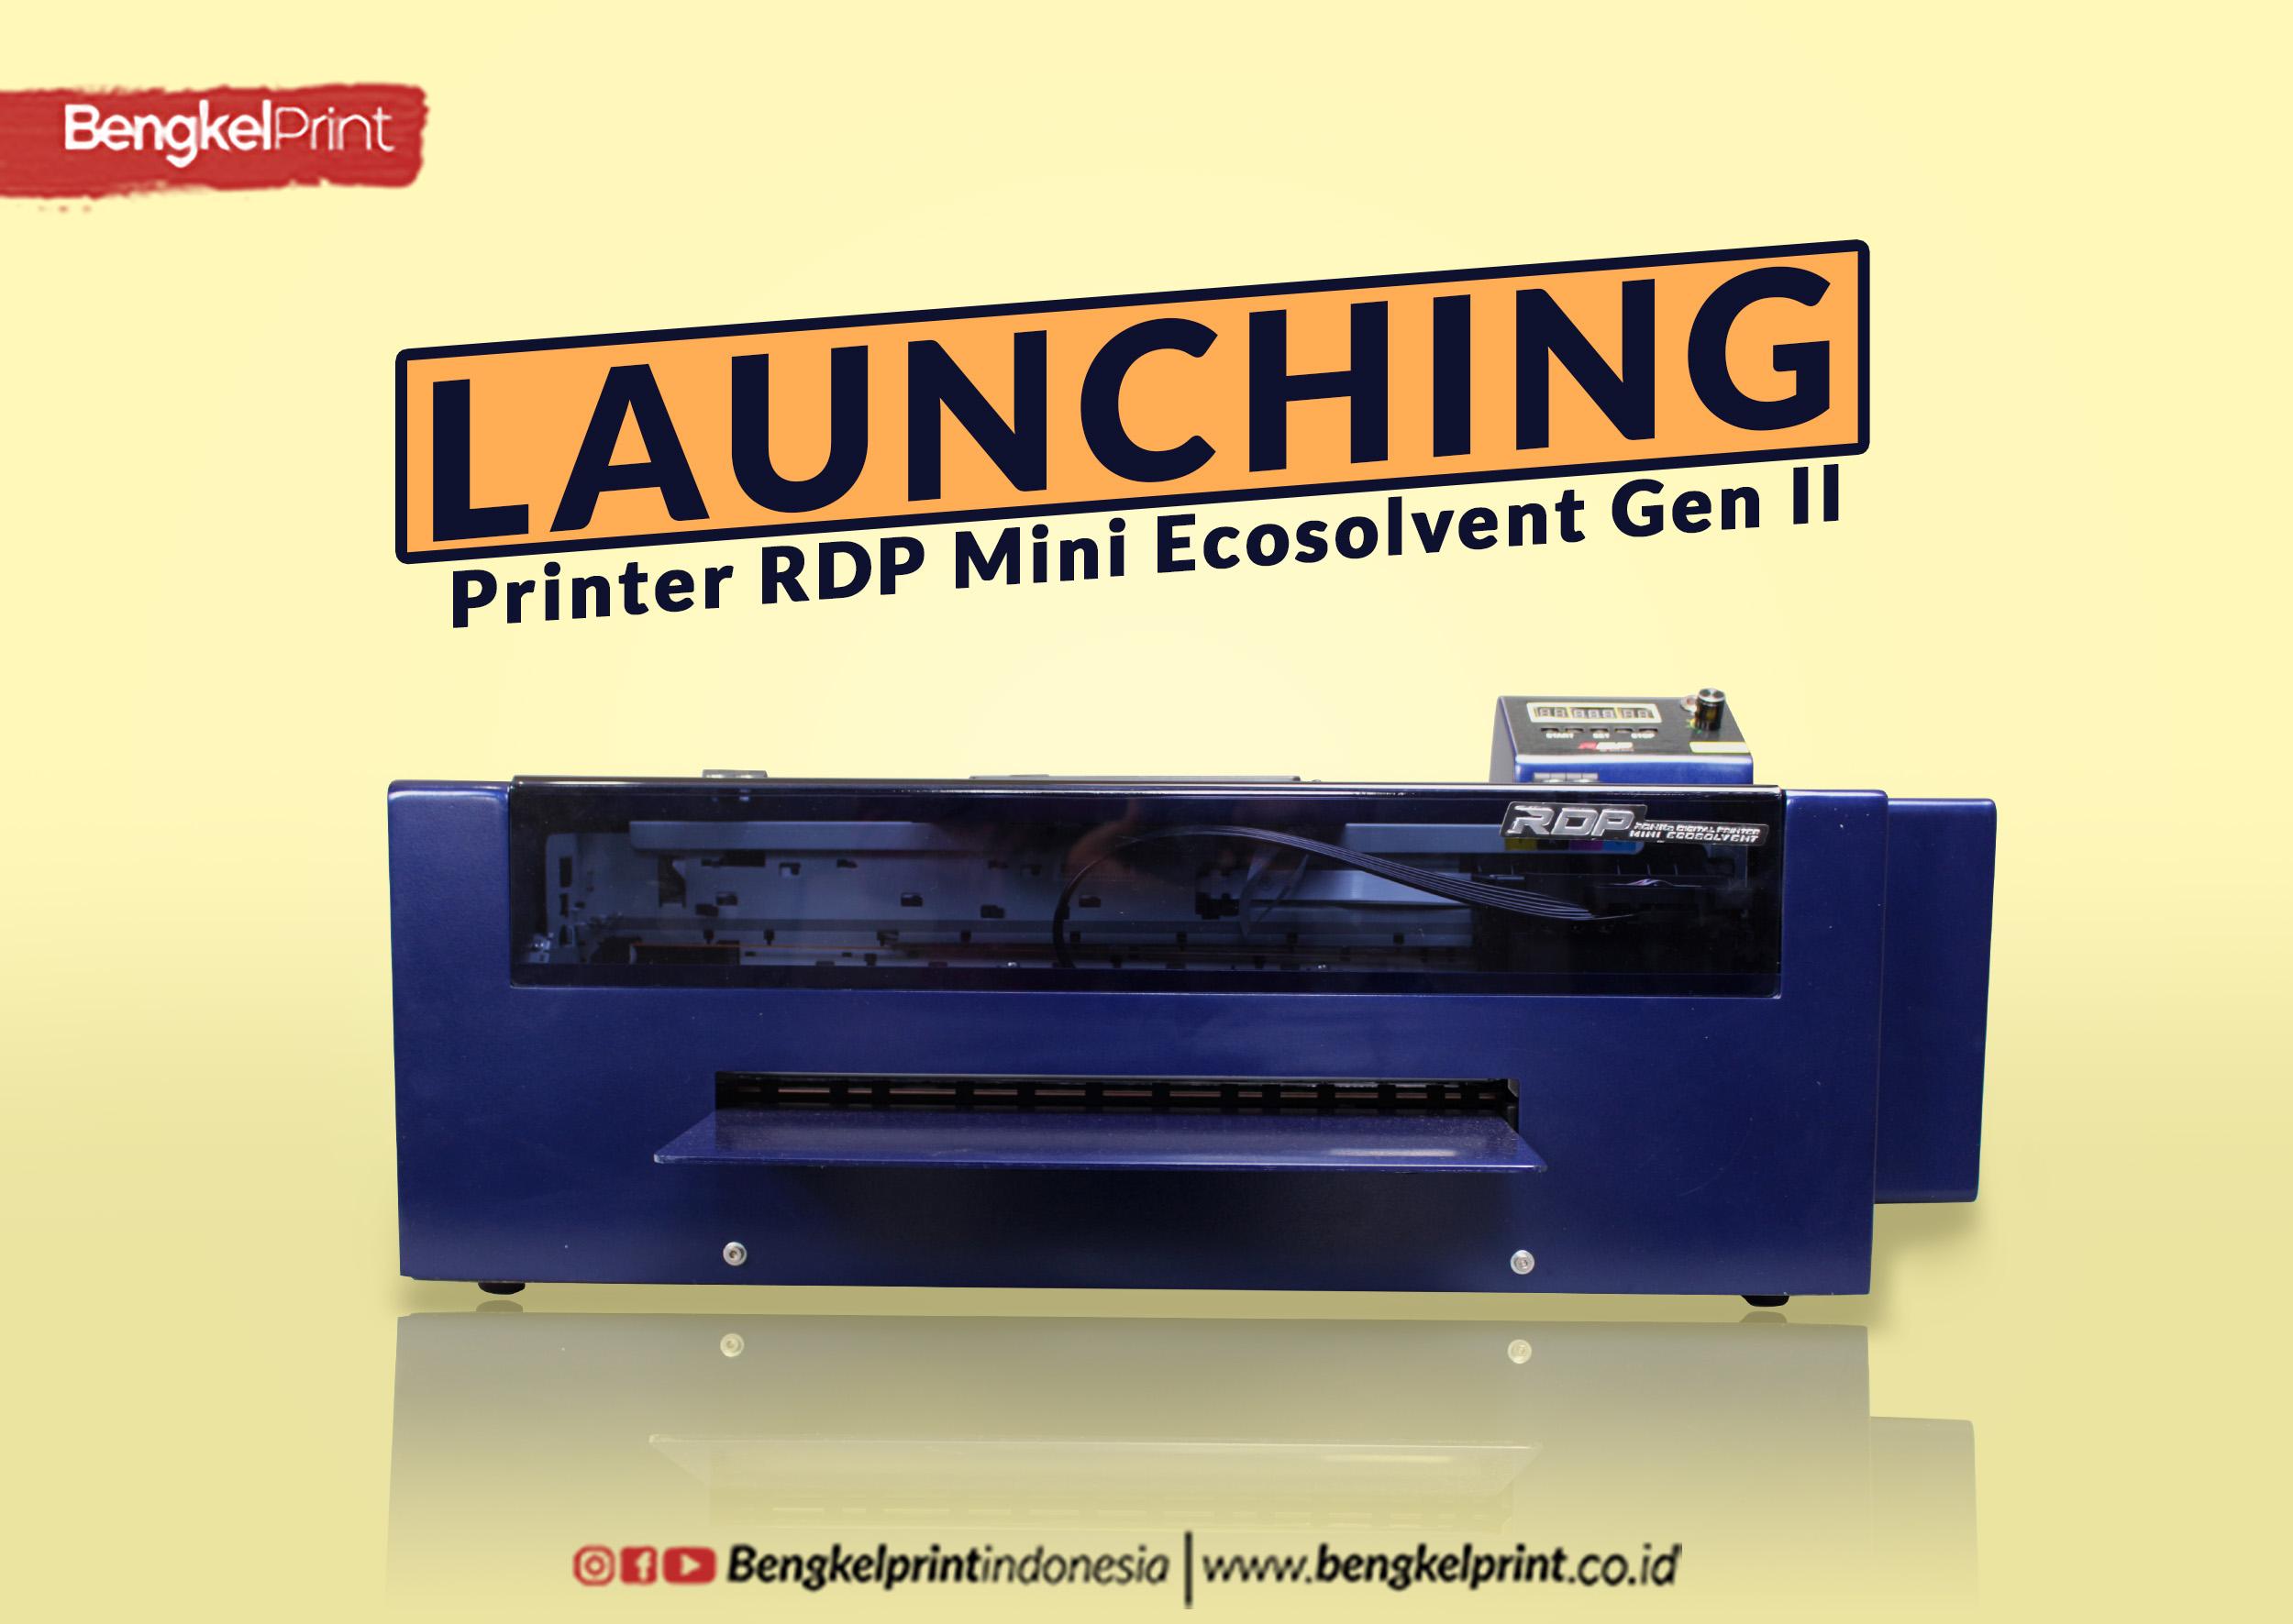 launching printer rdp generasi 2